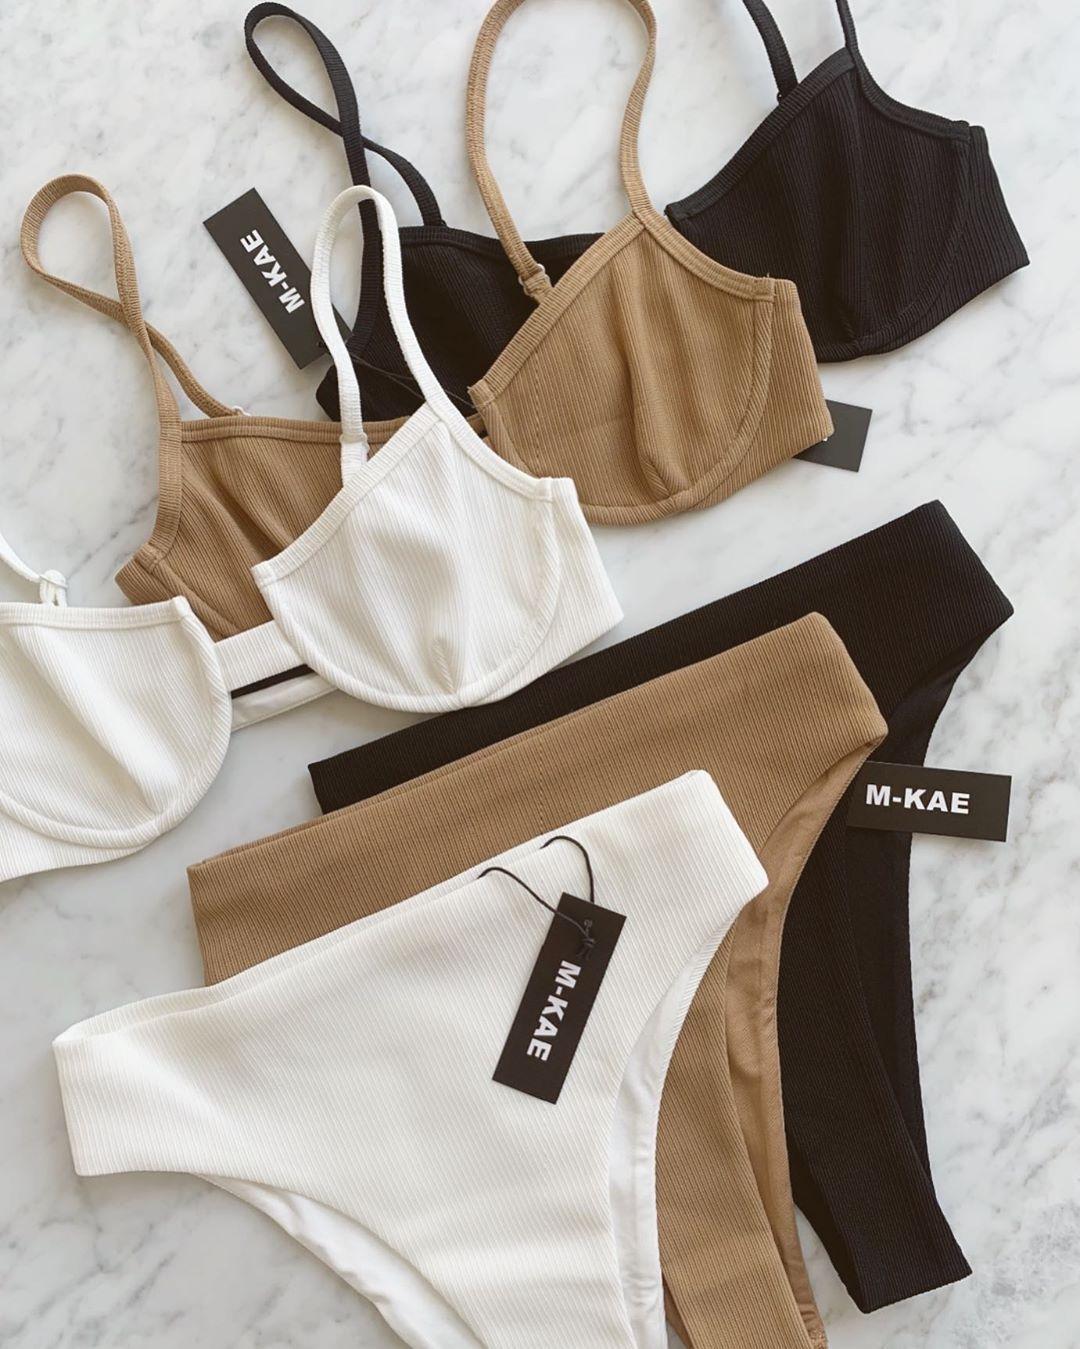 Белье женское купальники женские тела без лицо в нижнем белье